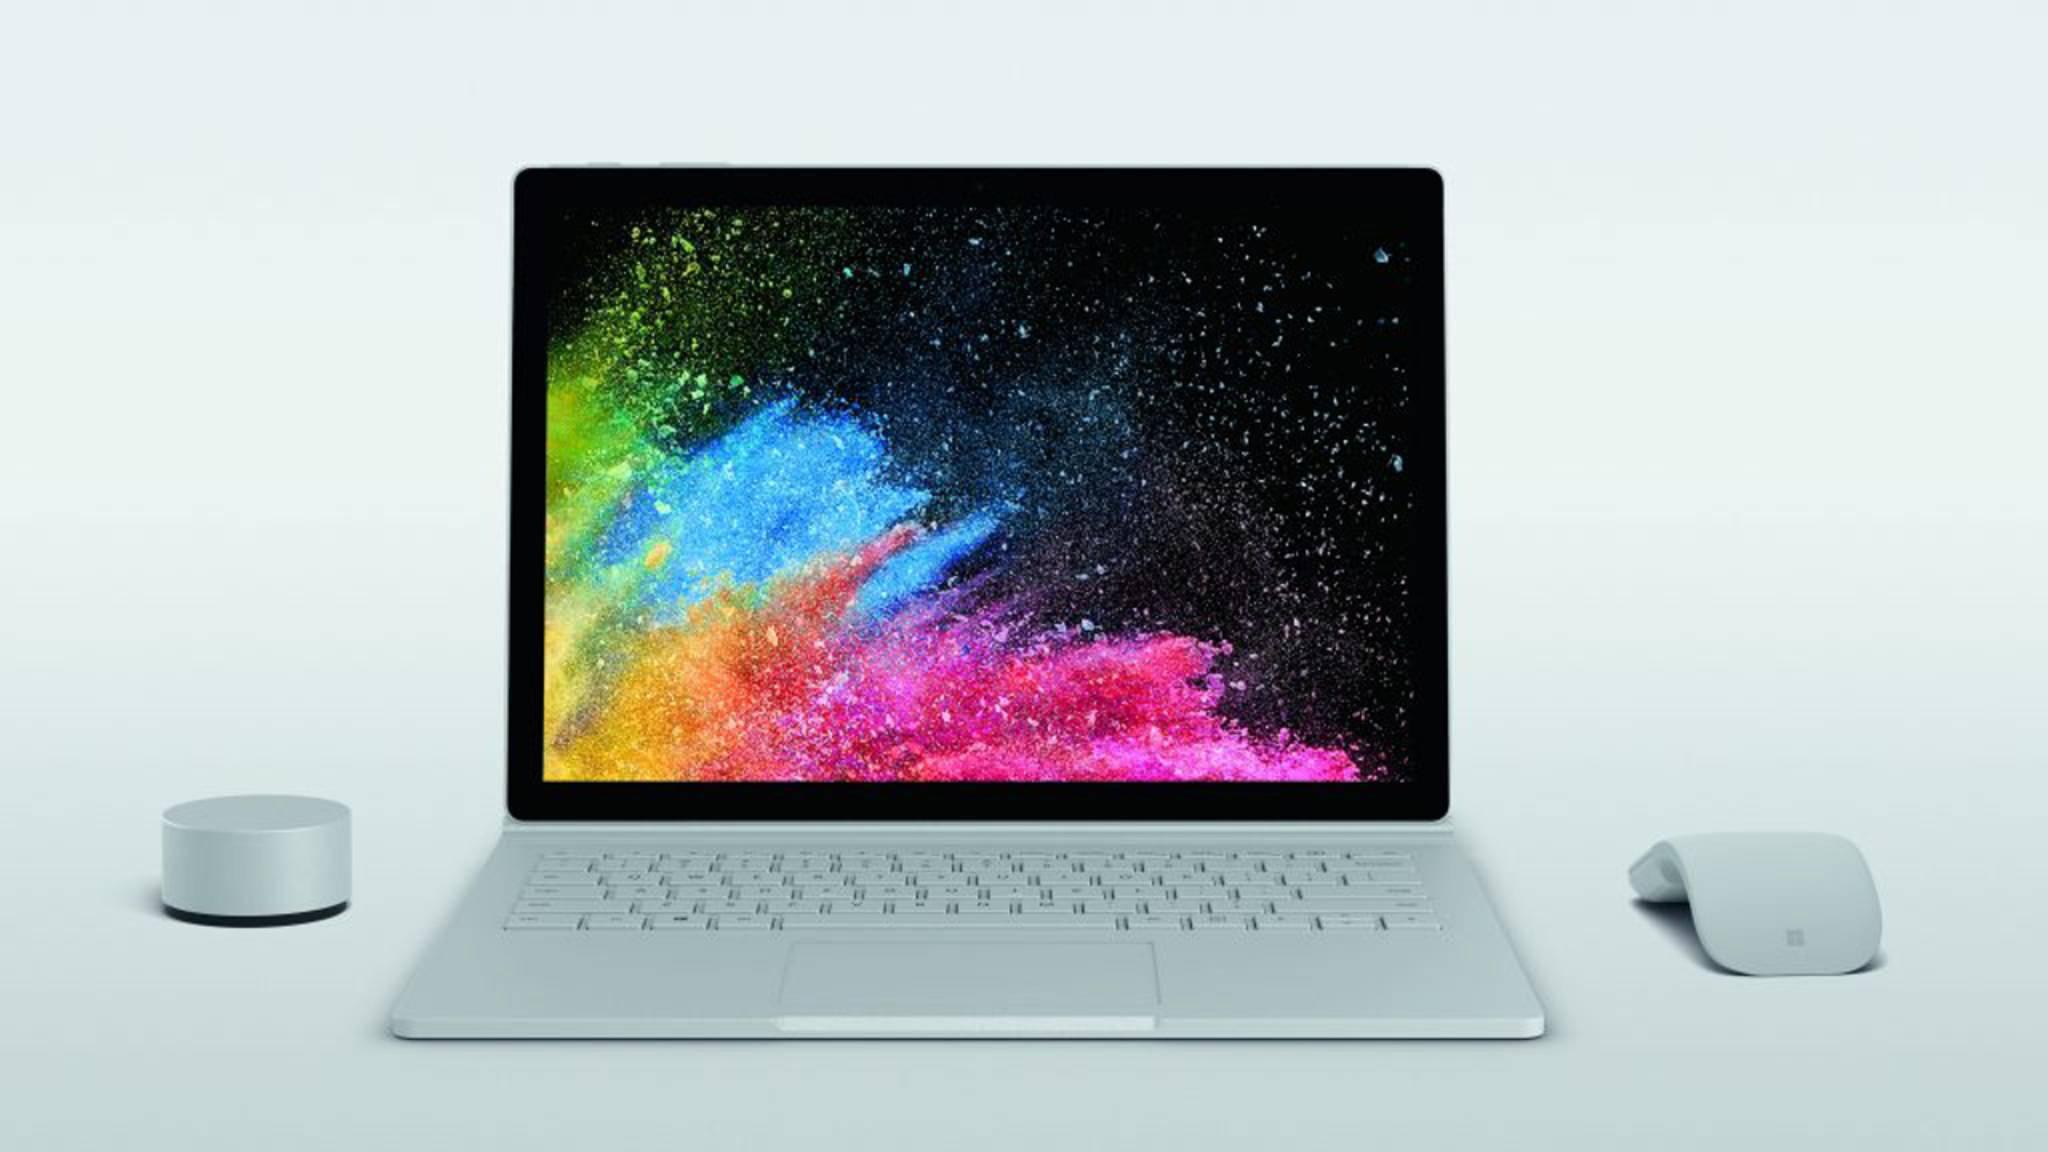 Das Surface Book 2 kann ab sofort vorbestellt werden.